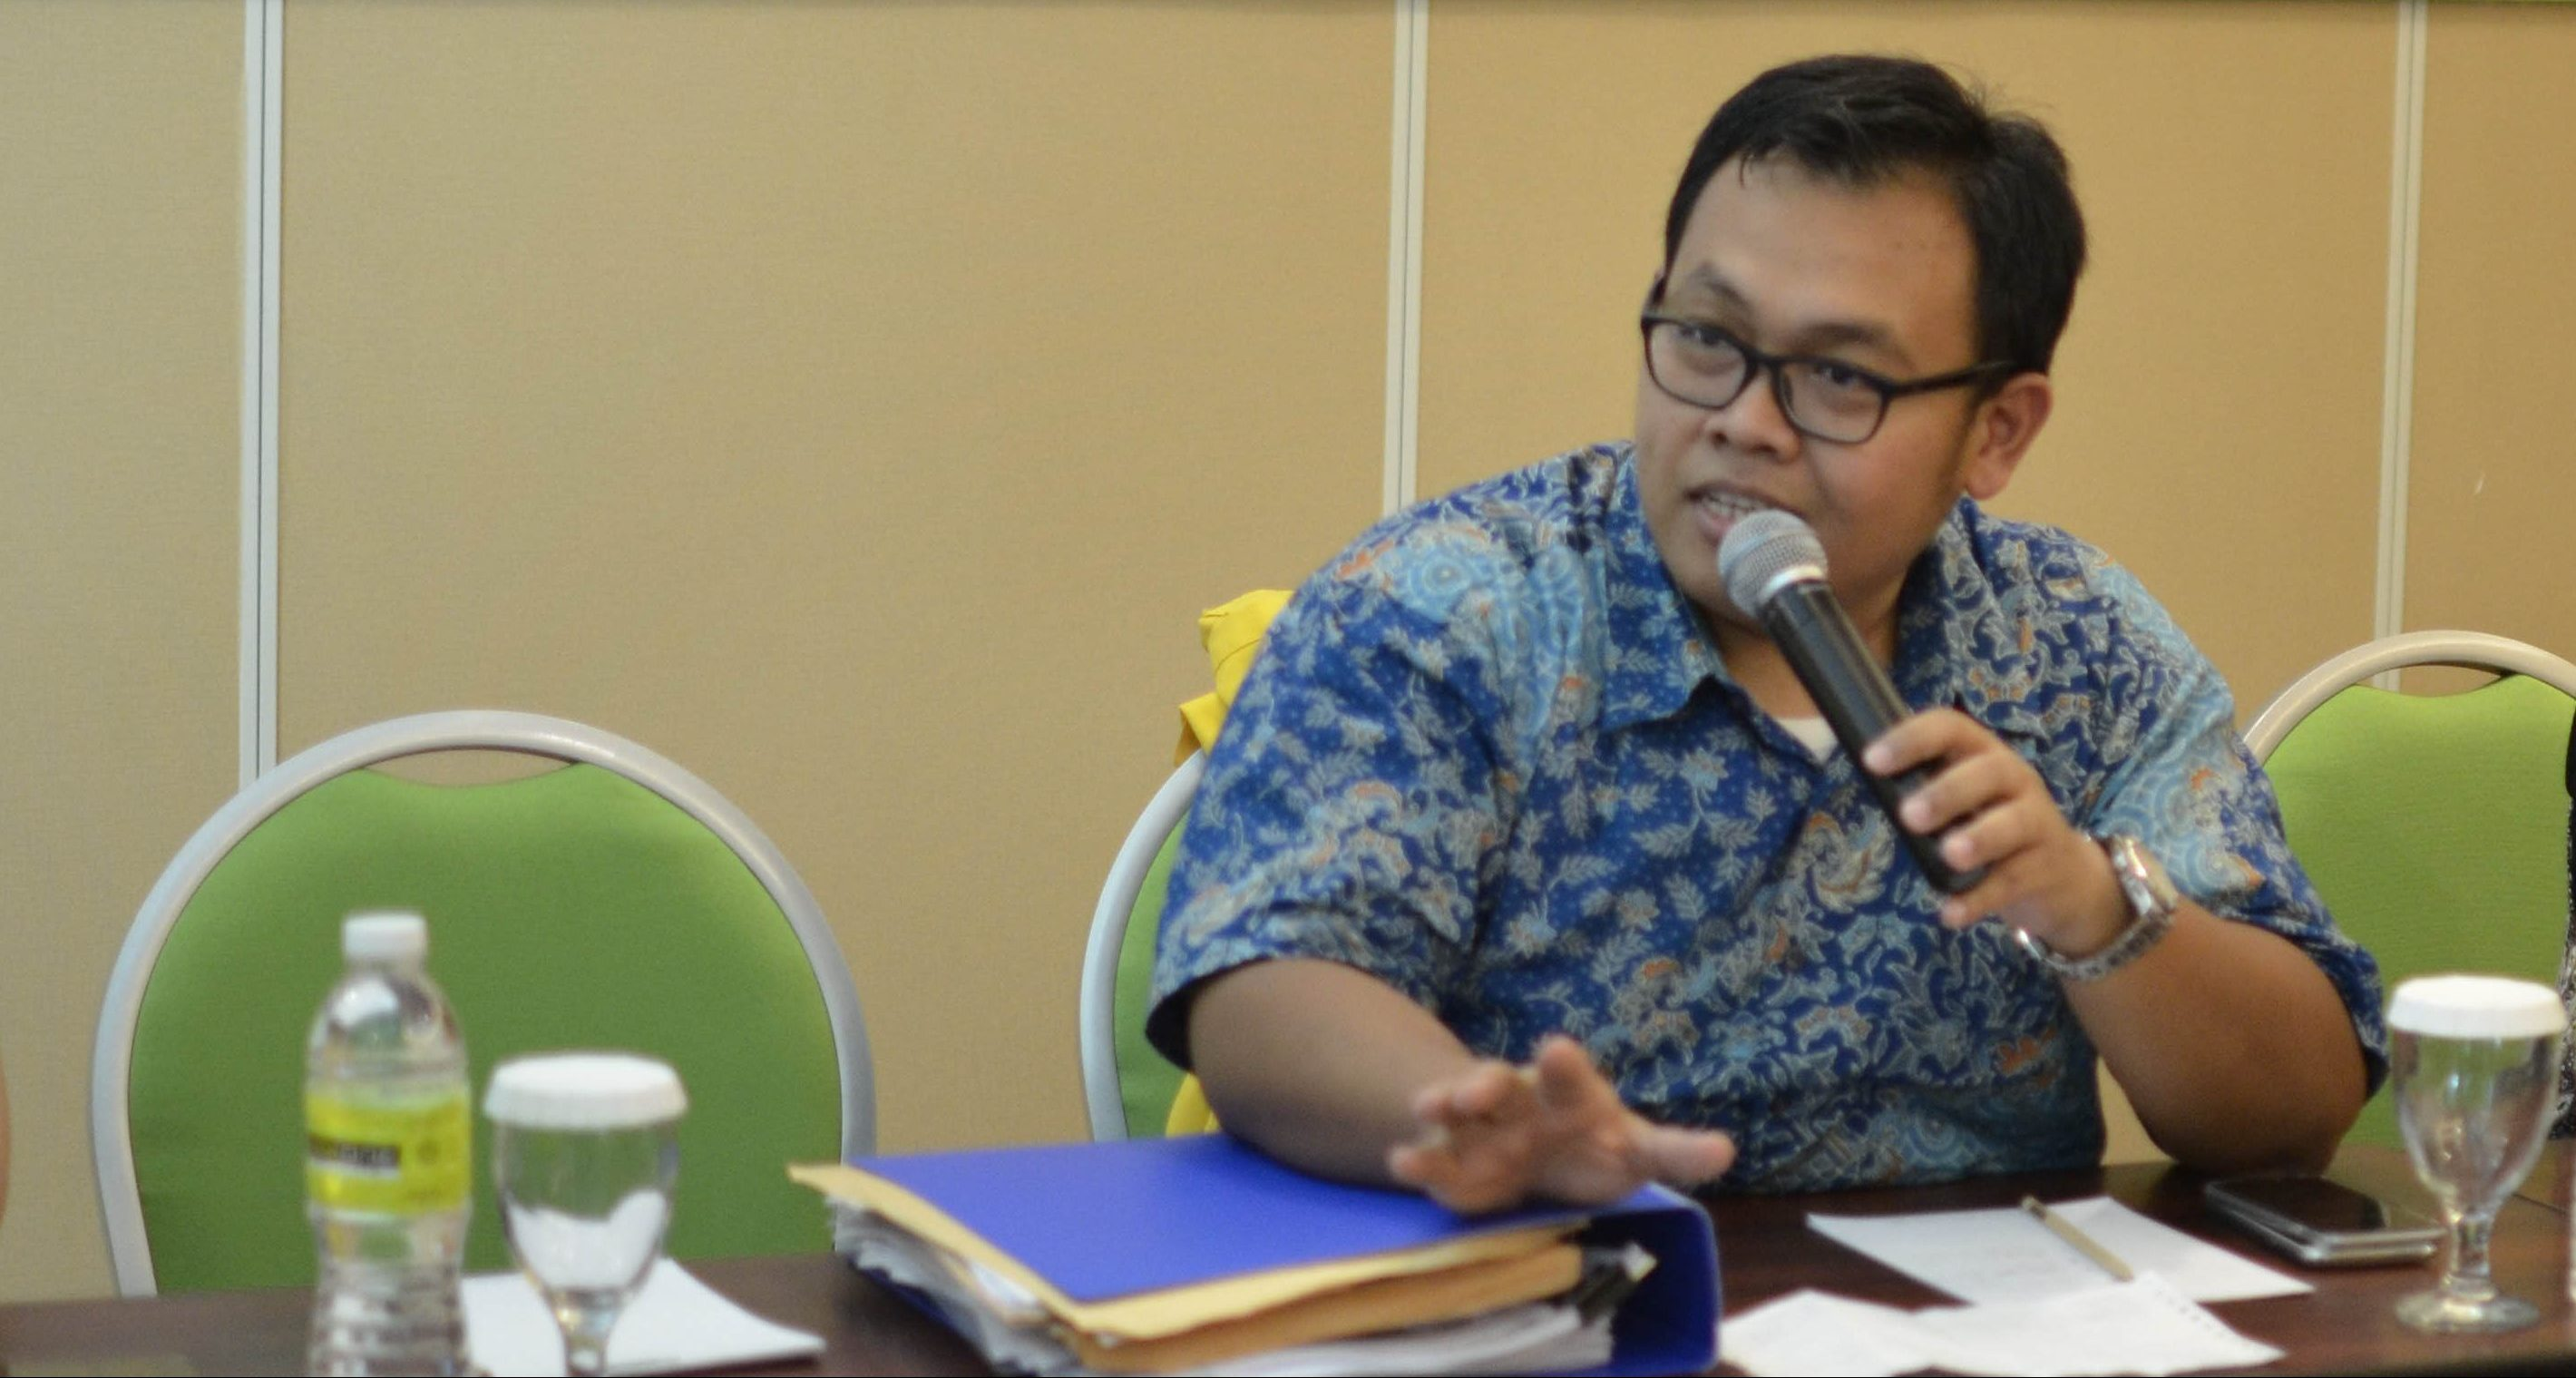 Mengenal Peran dan Kewenangan Notaris Menurut Hukum Indonesia